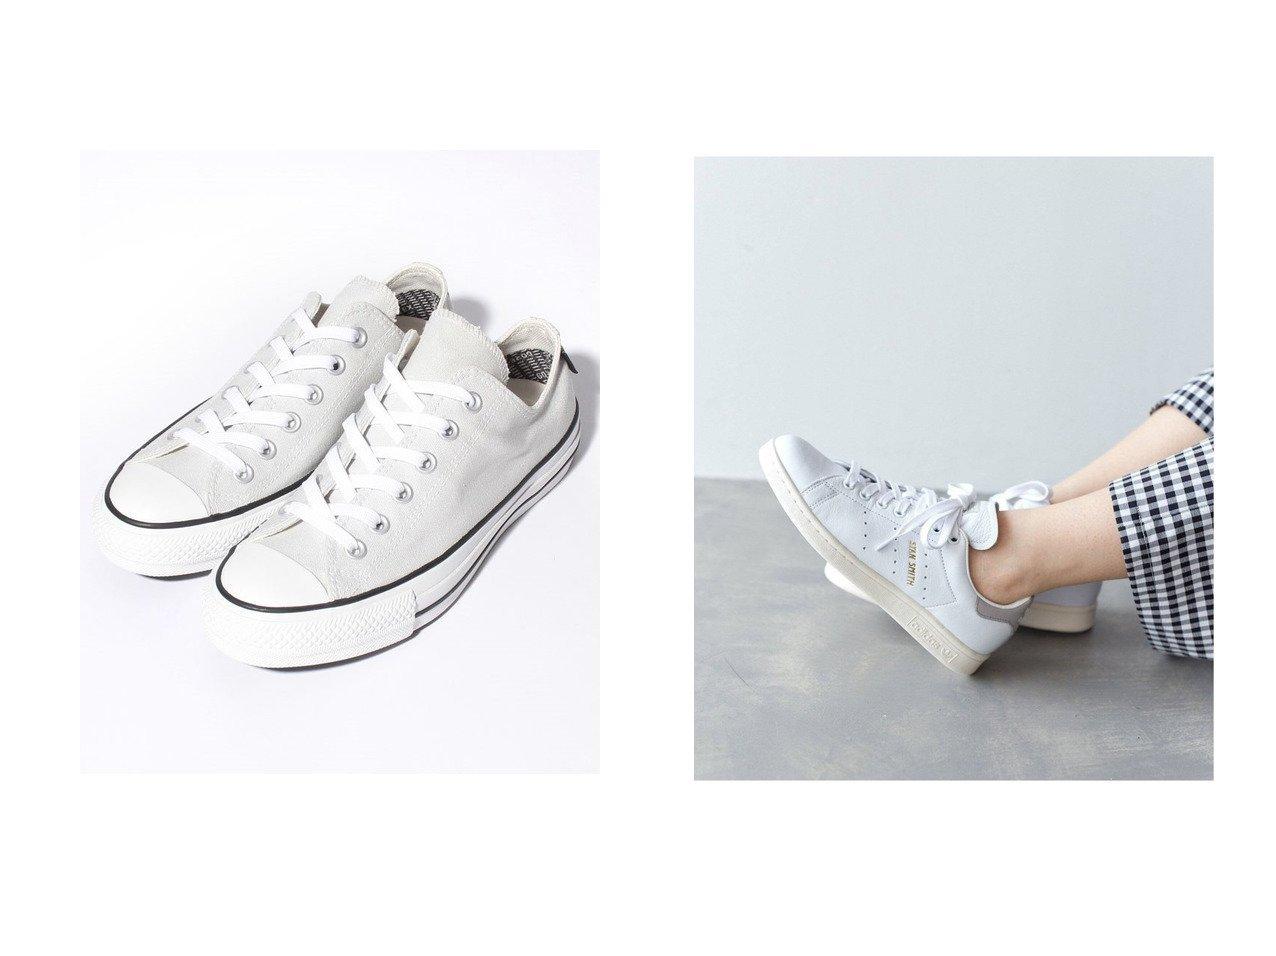 【CONVERSE/コンバース】のオールスター 100 ゴアテックス OX&【SLOBE IENA/スローブ イエナ】の【 アディダス 】STAN SMITH 【シューズ・靴】おすすめ!人気、トレンド・レディースファッションの通販 おすすめで人気の流行・トレンド、ファッションの通販商品 インテリア・家具・メンズファッション・キッズファッション・レディースファッション・服の通販 founy(ファニー) https://founy.com/ ファッション Fashion レディースファッション WOMEN NEW・新作・新着・新入荷 New Arrivals 2021年 2021 2021-2022秋冬・A/W AW・Autumn/Winter・FW・Fall-Winter・2021-2022 A/W・秋冬 AW・Autumn/Winter・FW・Fall-Winter シューズ スニーカー スリッポン 今季 再入荷 Restock/Back in Stock/Re Arrival キャンバス  ID:crp329100000055581